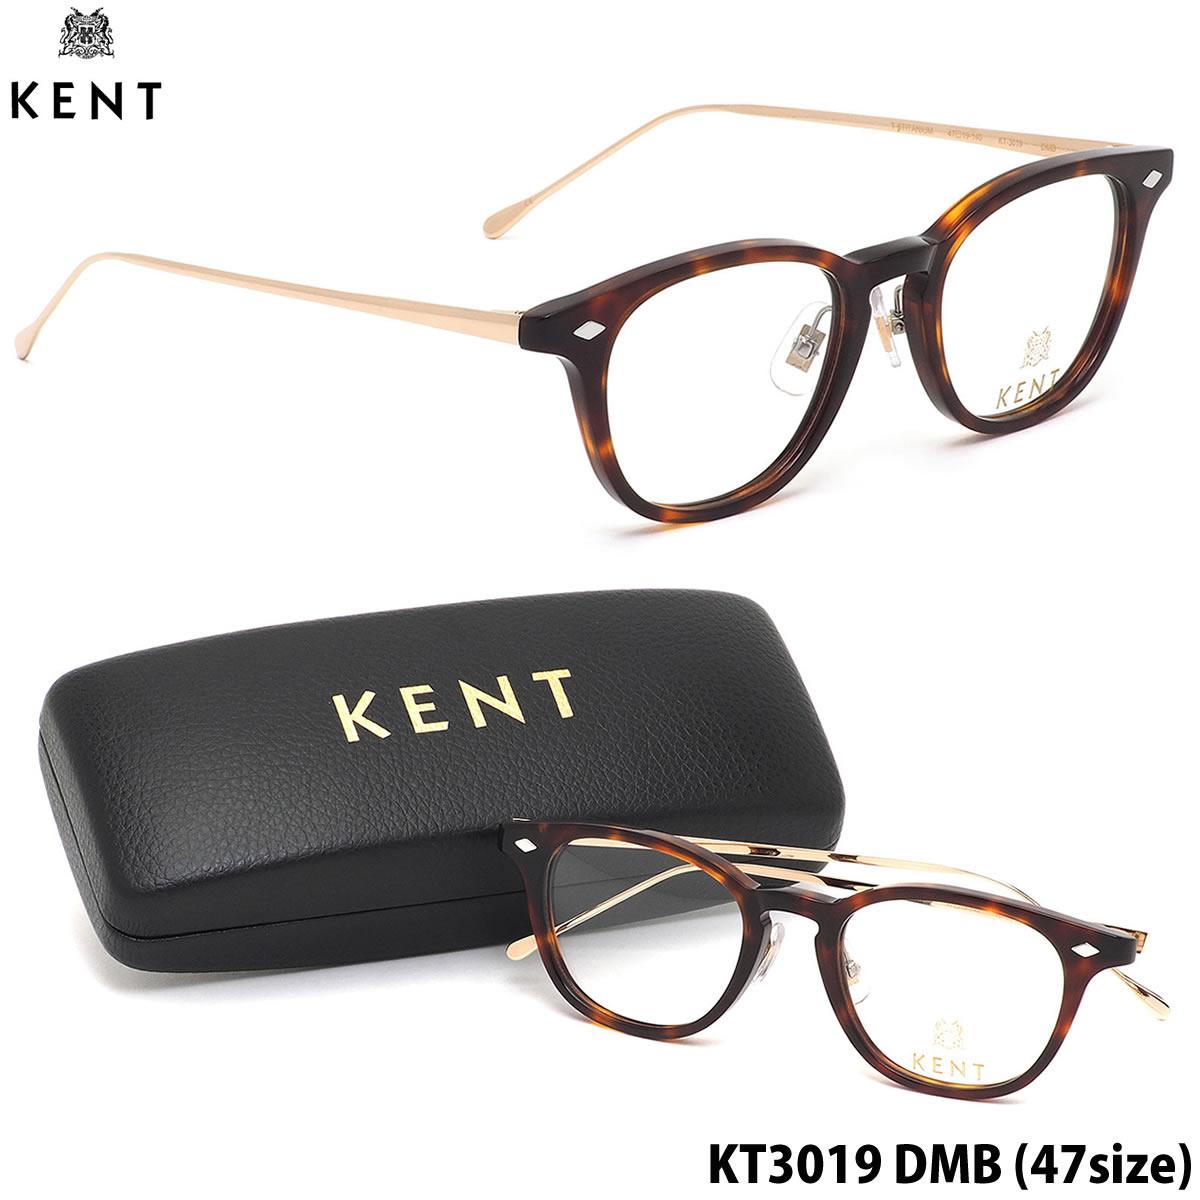 ほぼ全品ポイント15倍~最大43倍+3倍!お得なクーポンも! ケント KENT メガネKT3019 DMB 47サイズクラシカル 日本製 伊達メガネレンズ無料 メンズ レディース